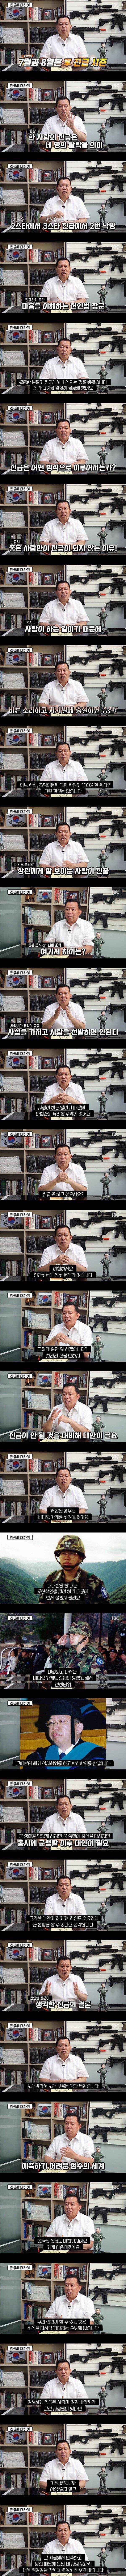 특전사령관 출신 전인범 장군이 말하는 진급을 대하는 자세,jpg | 인스티즈